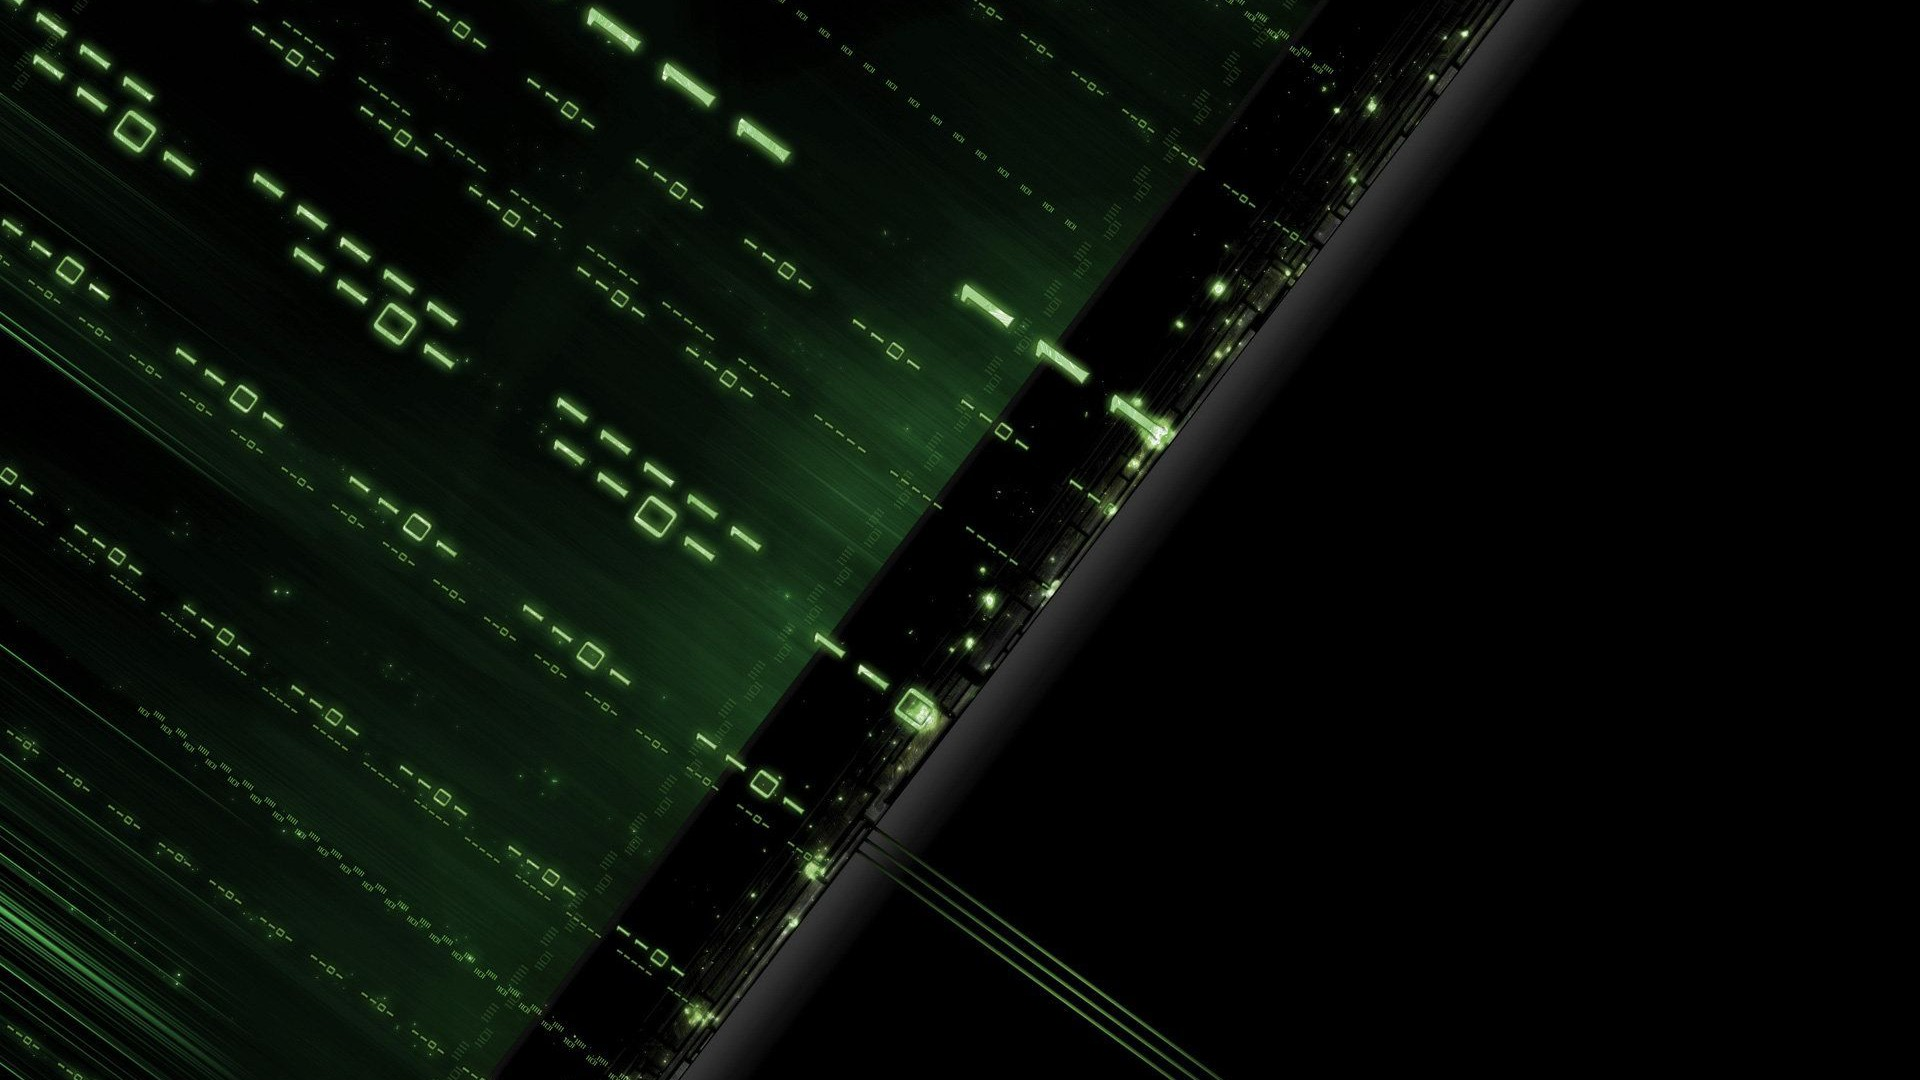 abstrait, matrix, binaire fond d'écran gratuit